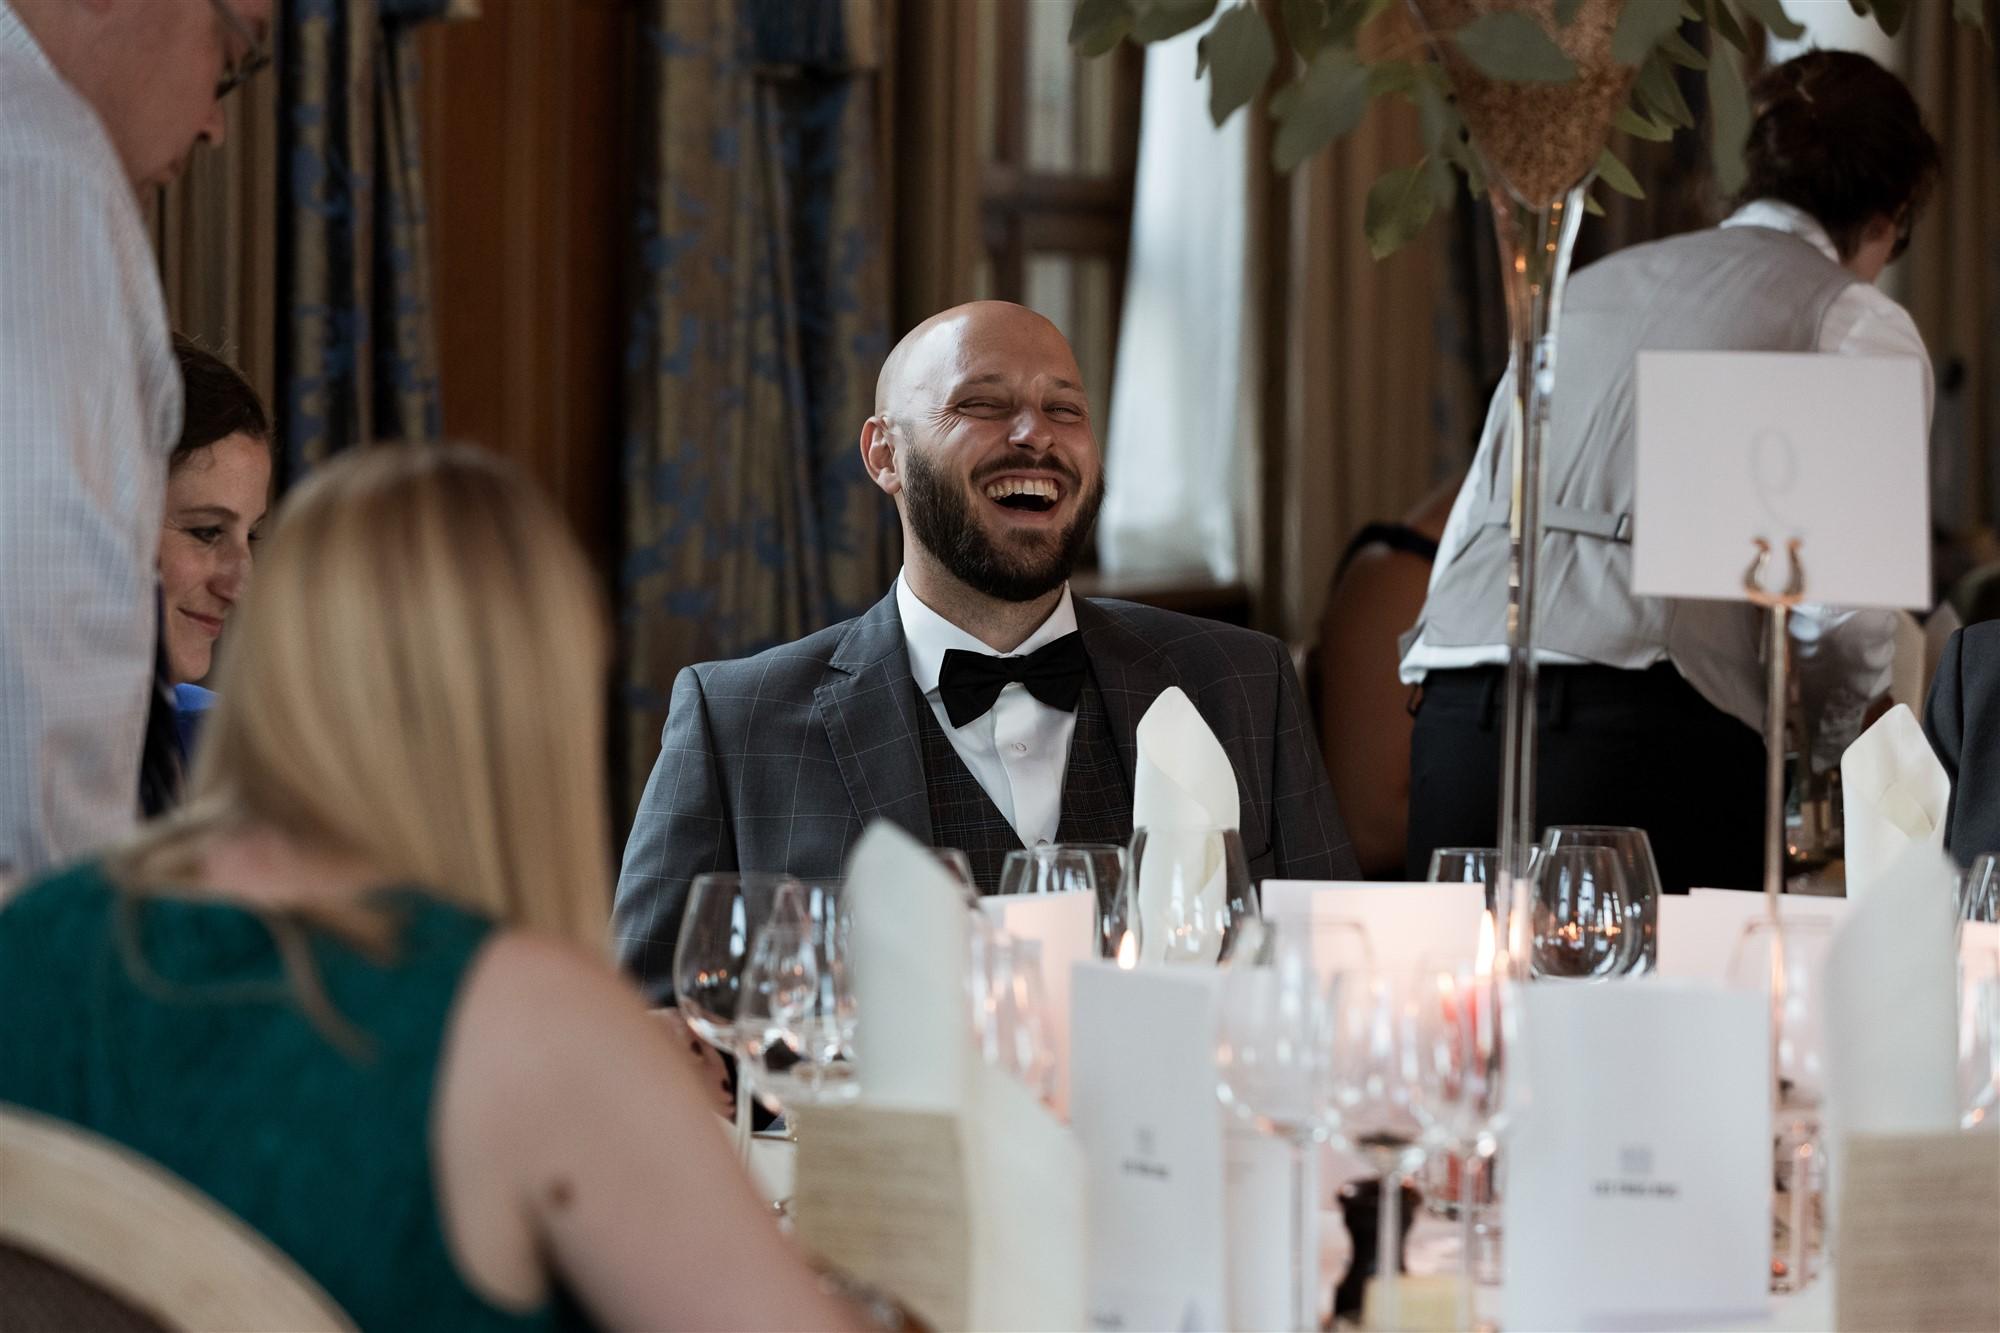 Das Hochzeitsfest im Grand Hotel Les Trois Rois - Location - Hochzeitsgäste - Hochzeitsfotograf Basel